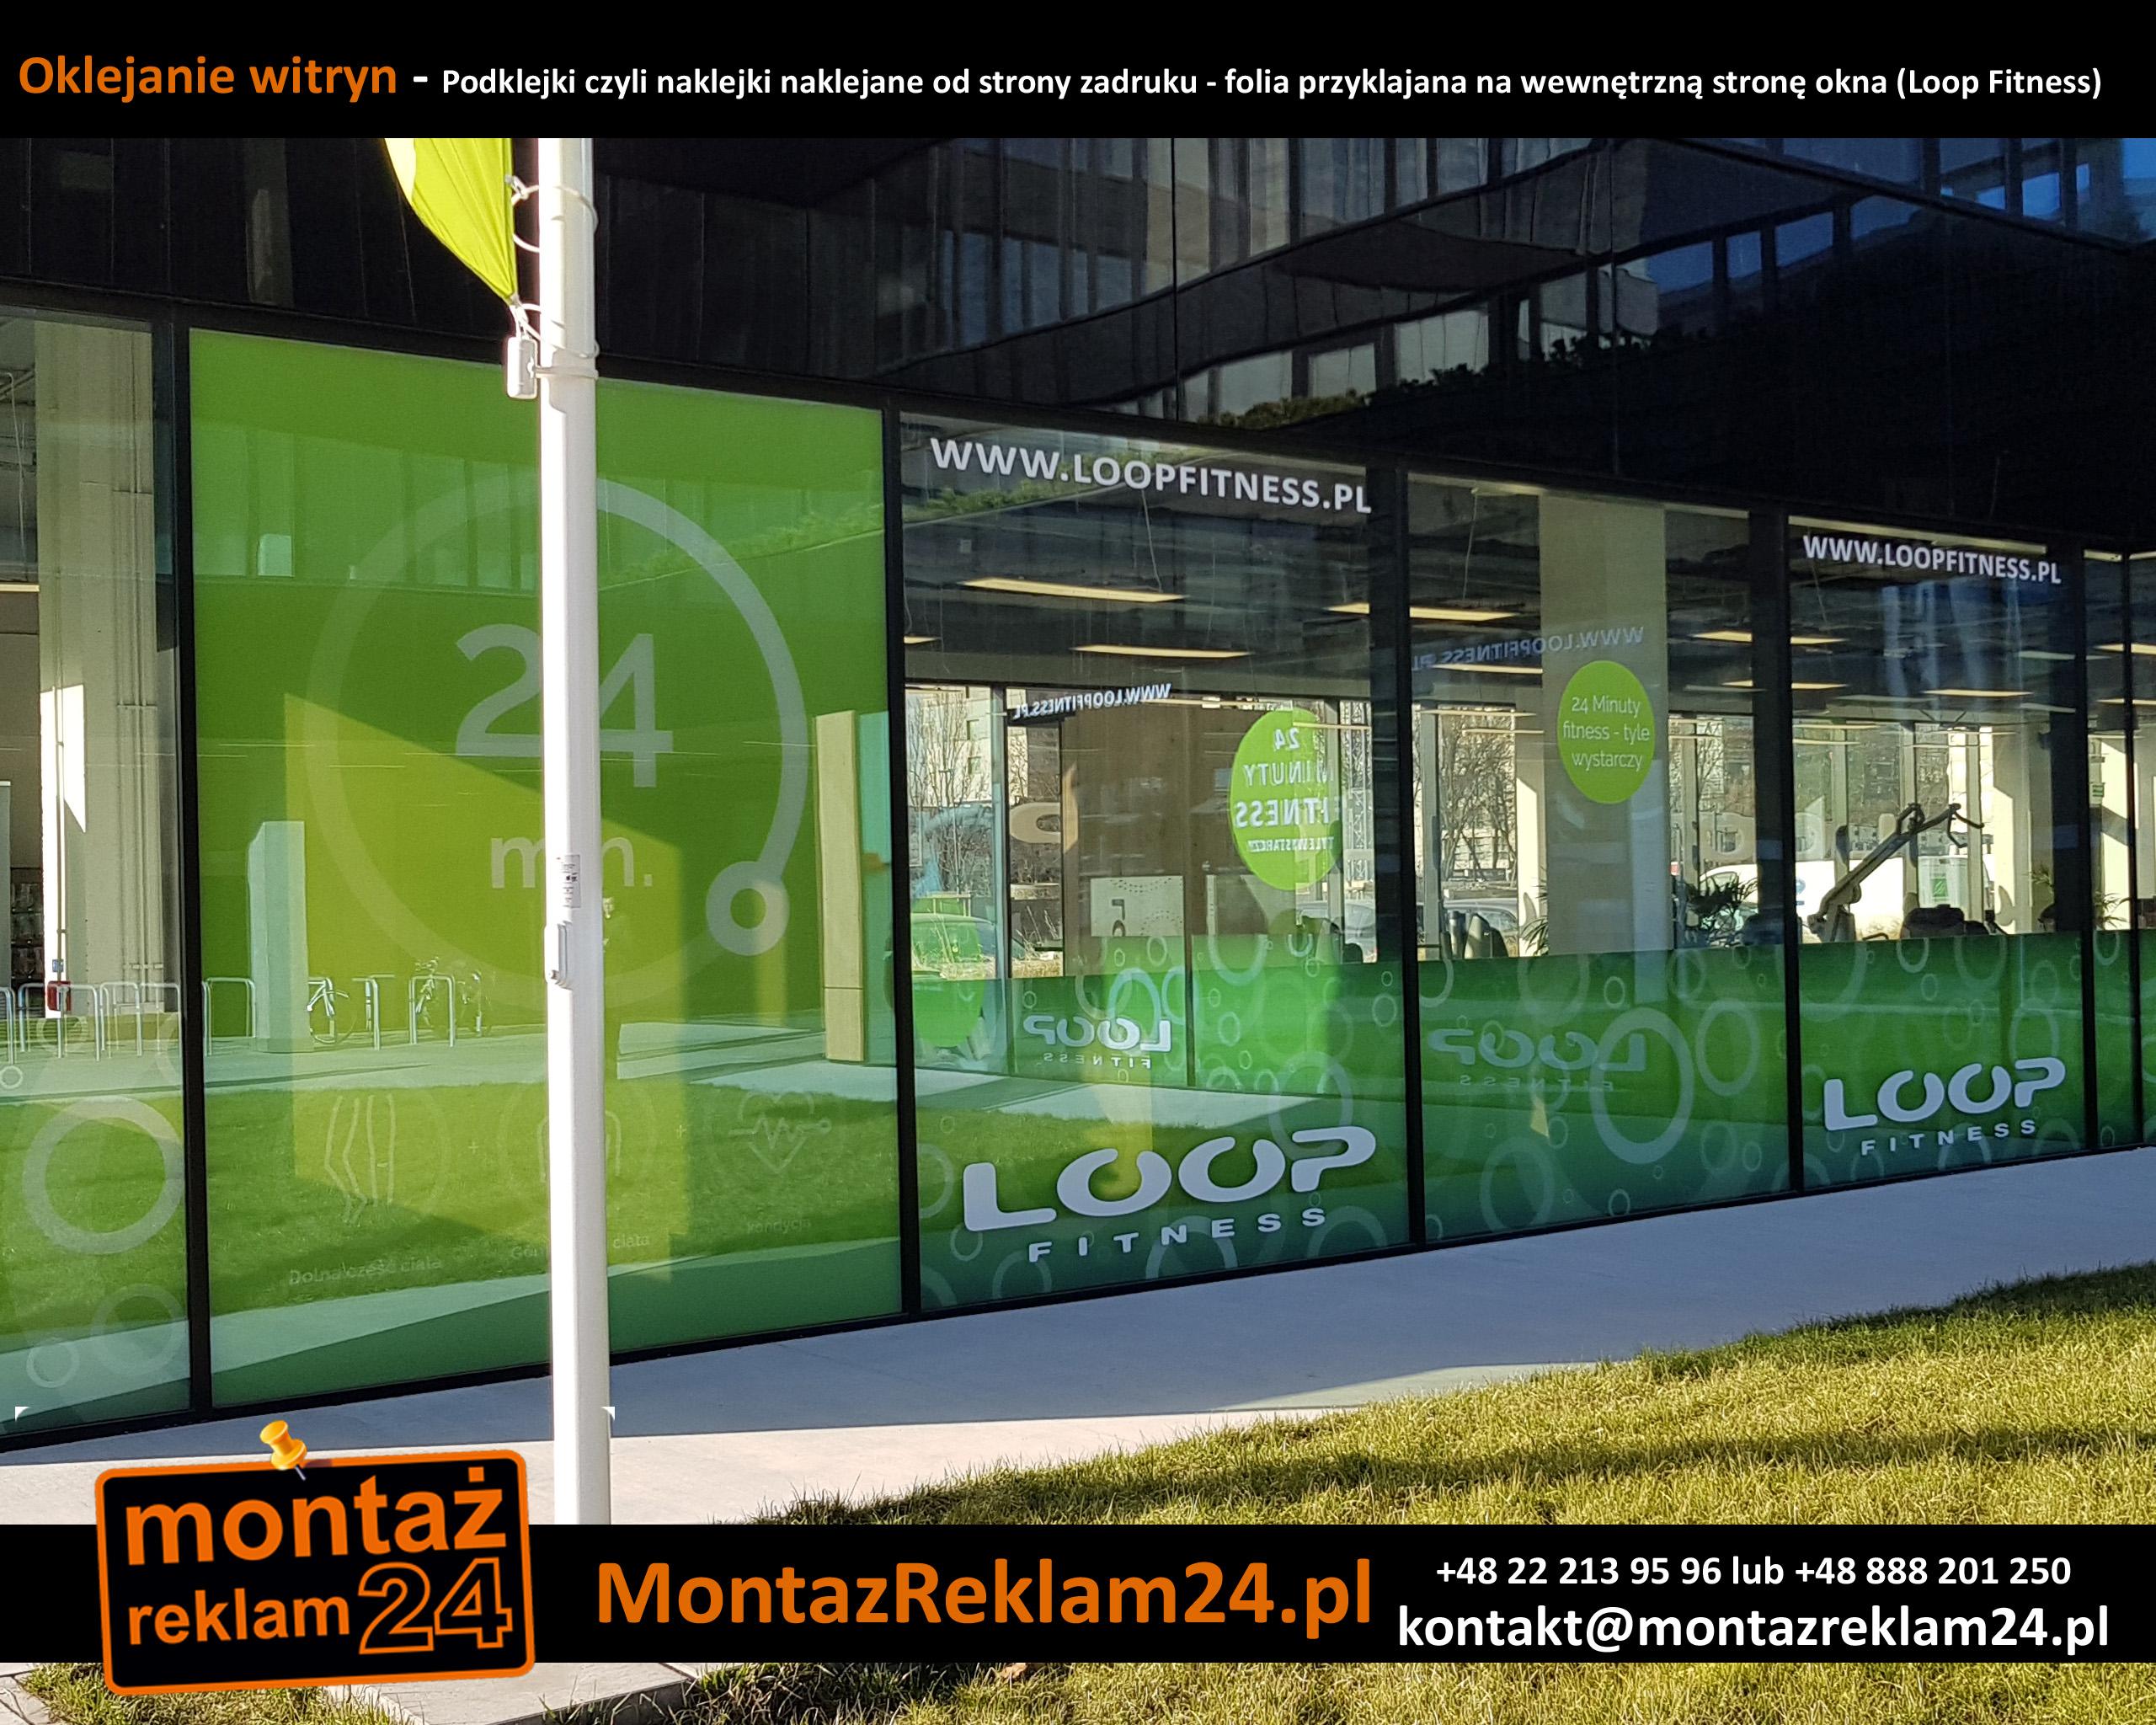 Oklejanie witryn - Podklejki czyli naklejki naklejane od strony zadruku - folia przyklajana na wewnętrzną stronę okna (Loop Fitness).jpg